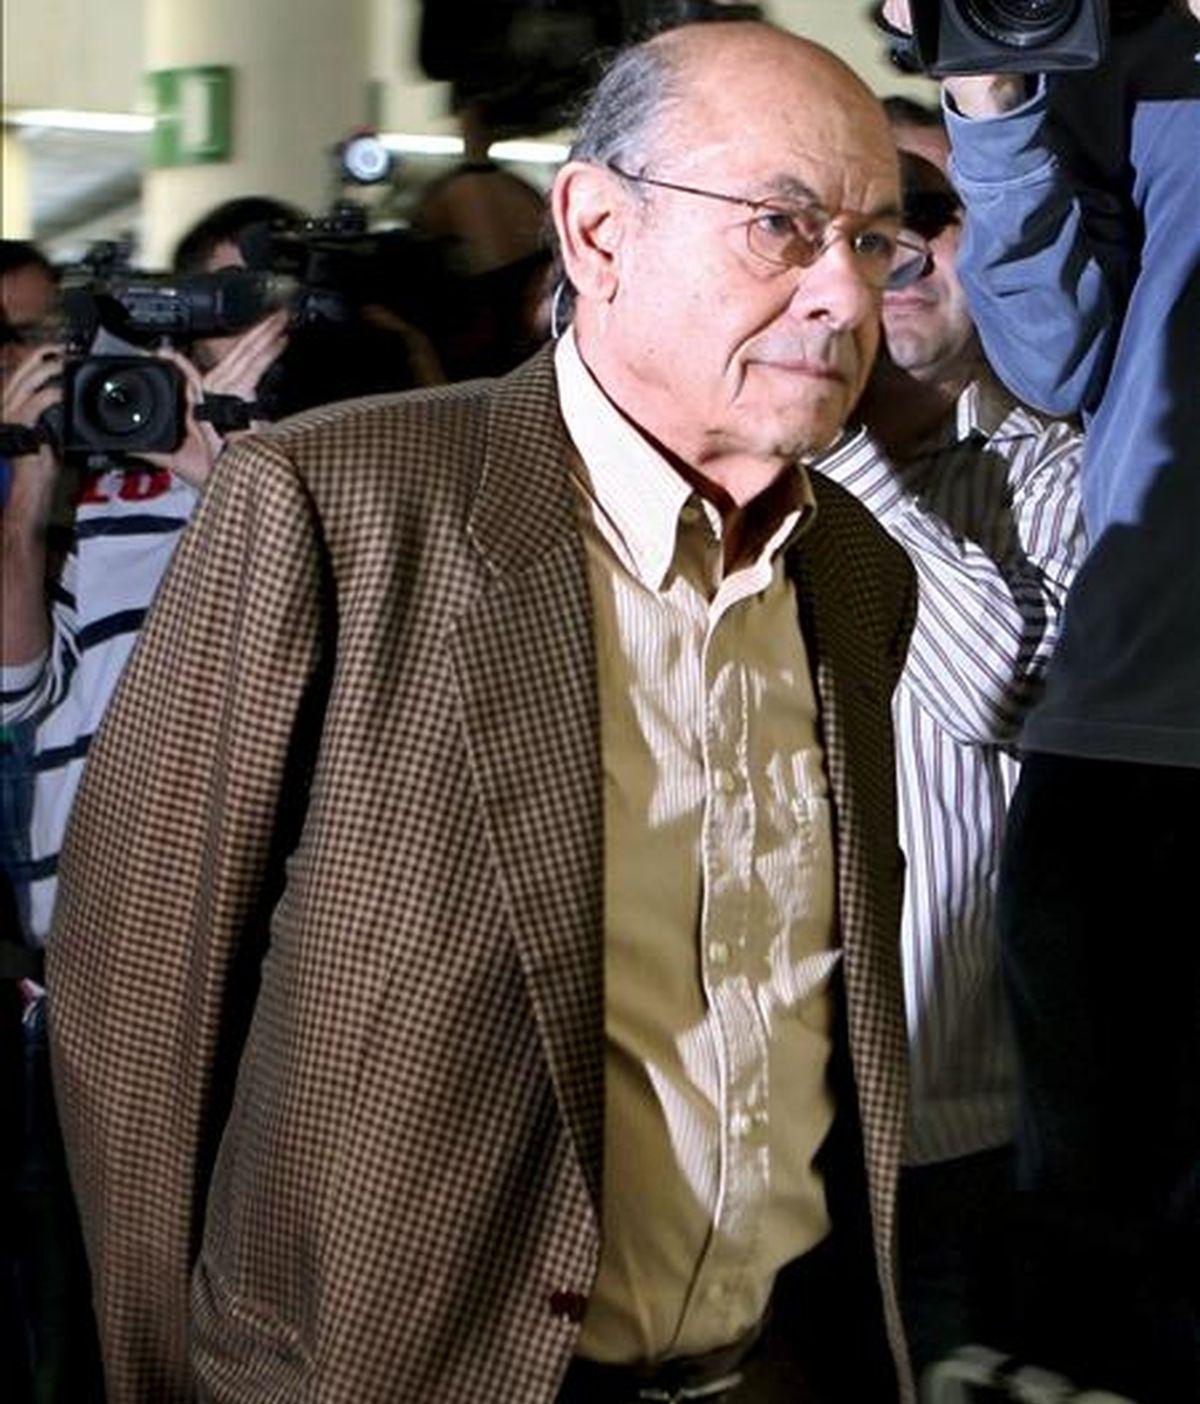 El ex presidente del Palau de la Música Catalana Felix Millet. EFE/Archivo